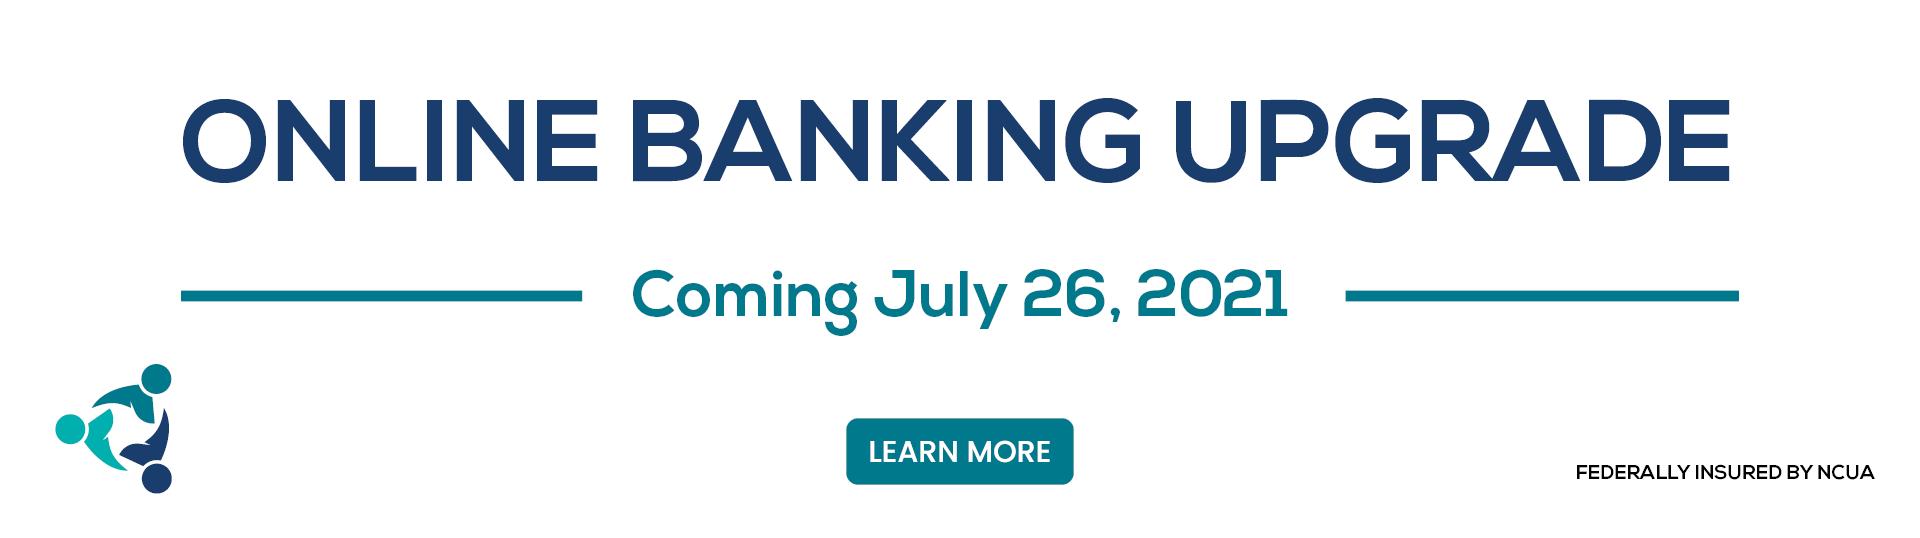 Online Banking Update Banner